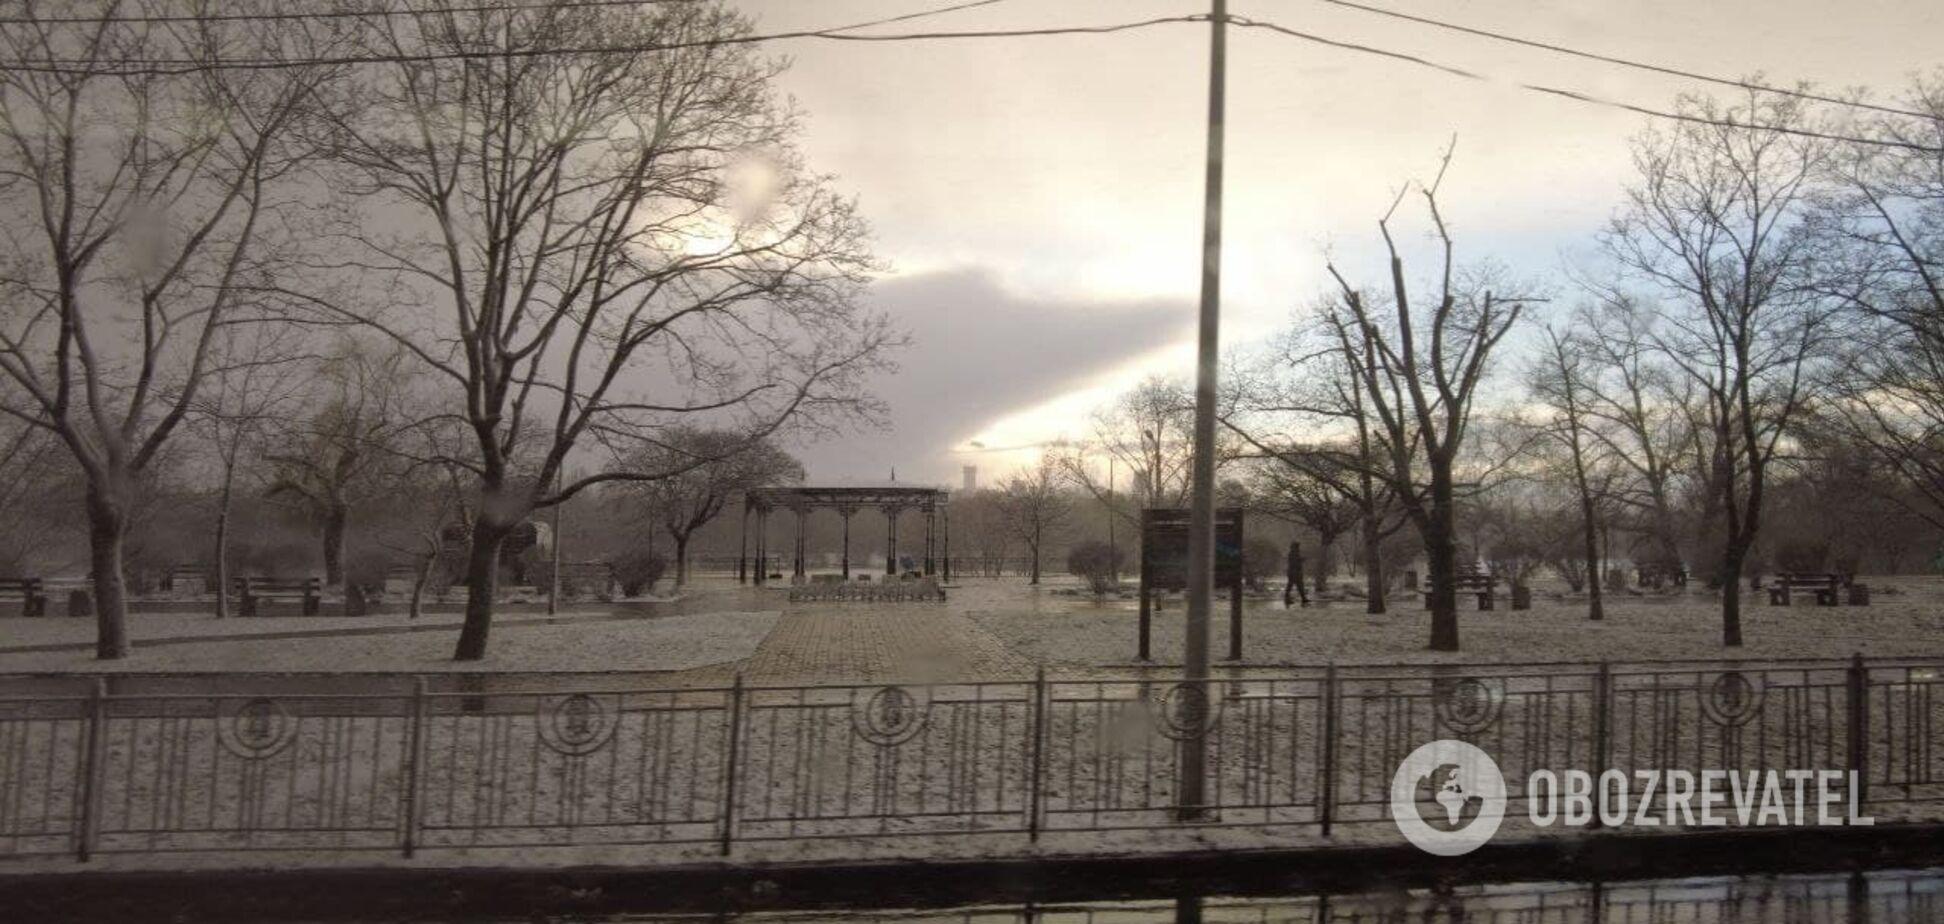 Згадуємо 2013 рік: Київ накрили сильні снігопади